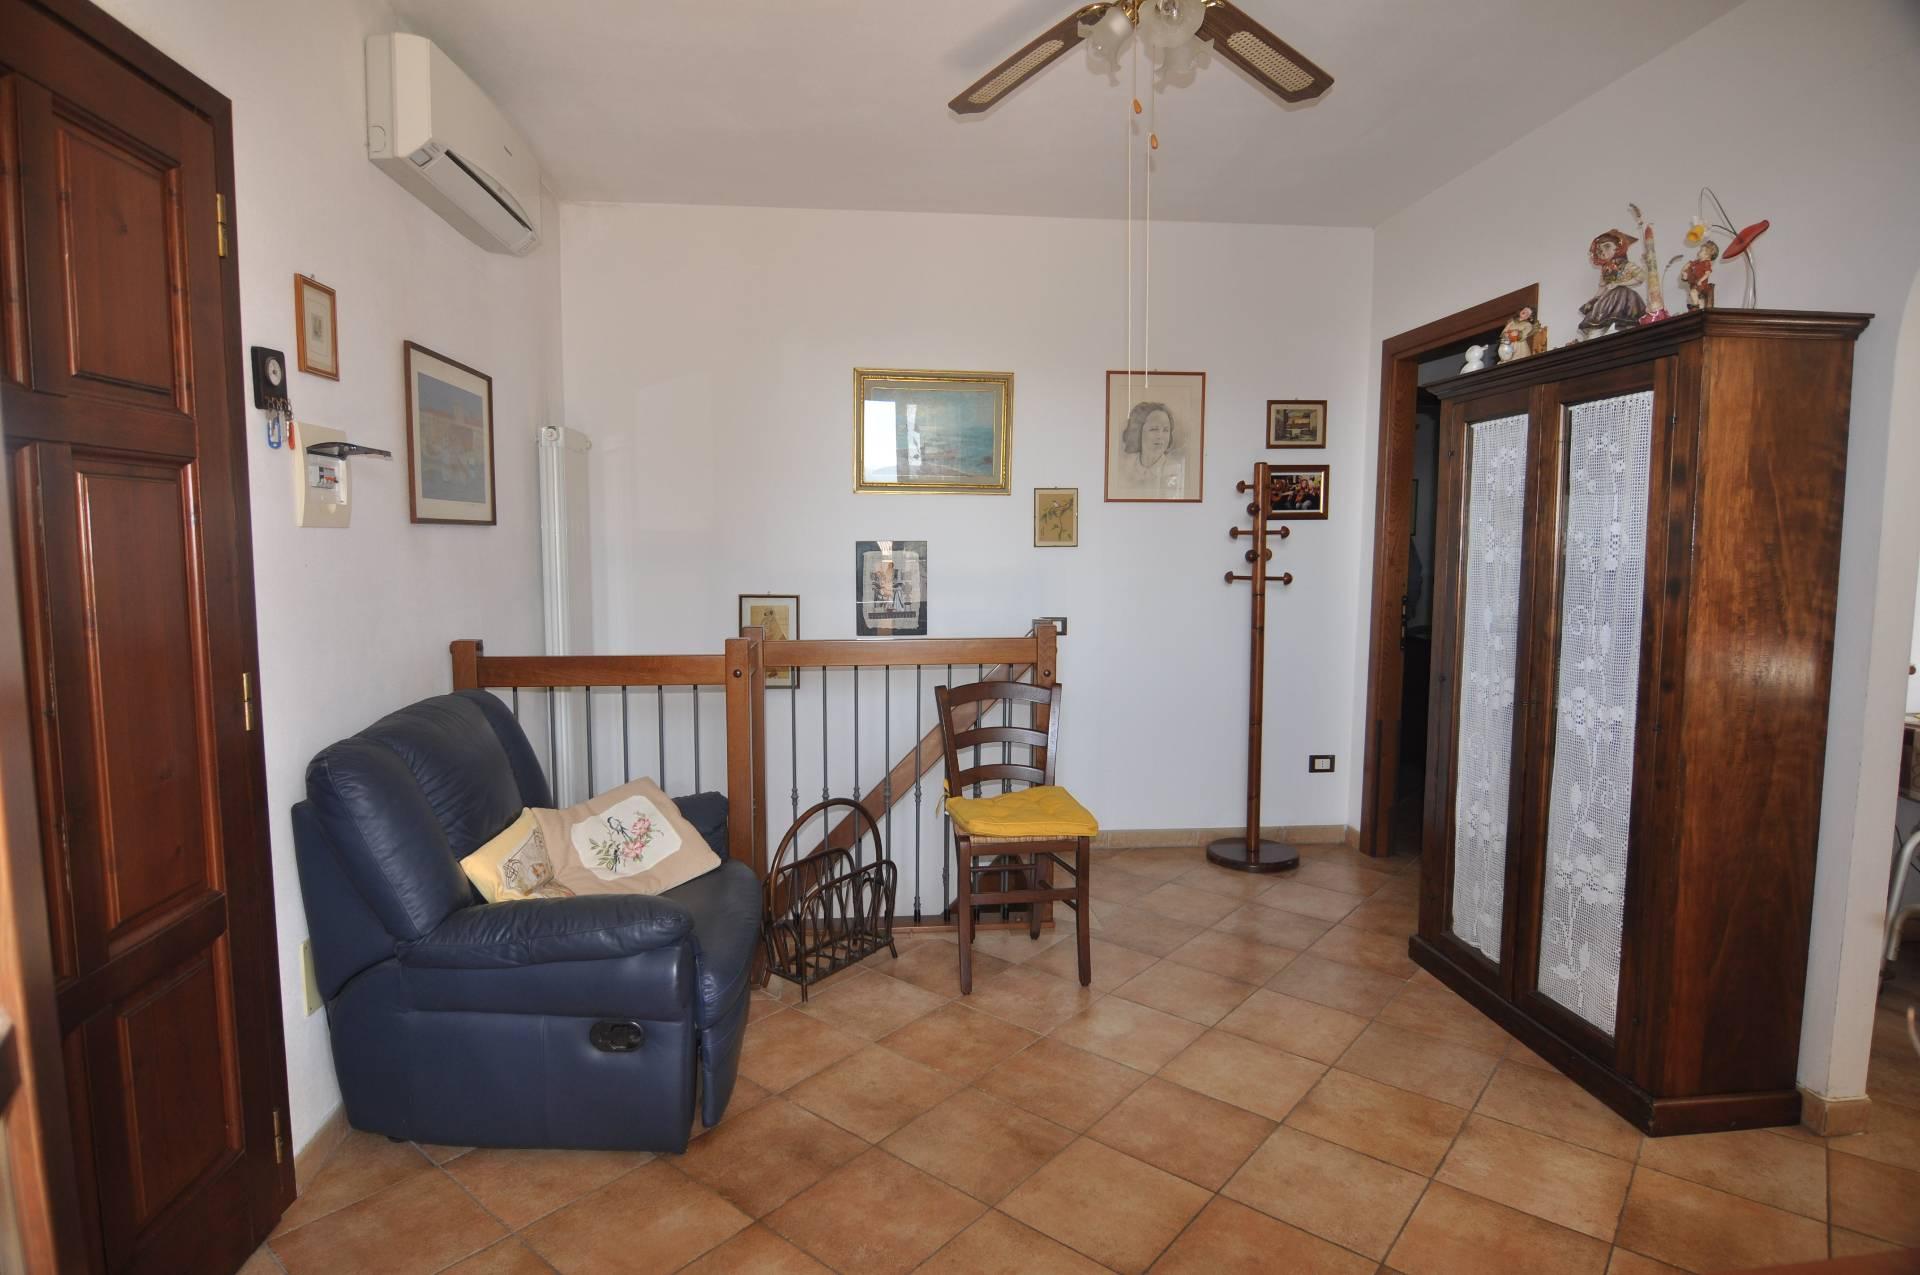 Soluzione Indipendente in affitto a Casale Marittimo, 4 locali, prezzo € 700 | CambioCasa.it